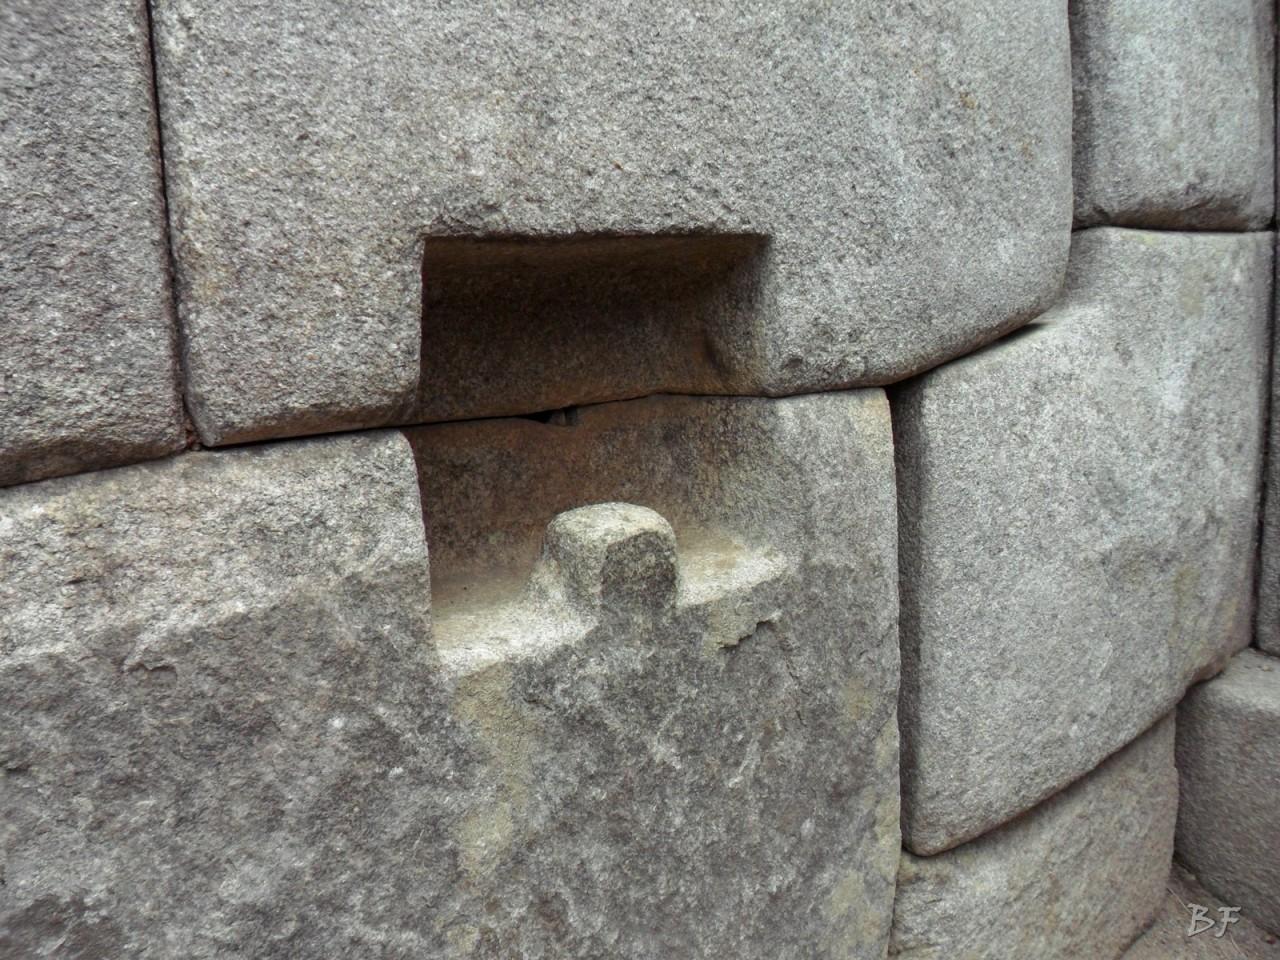 Mura-Poligonali-Incisioni-Altari-Edifici-Rupestri-Megaliti-Machu-Picchu-Aguas-Calientes-Urubamba-Cusco-Perù-105